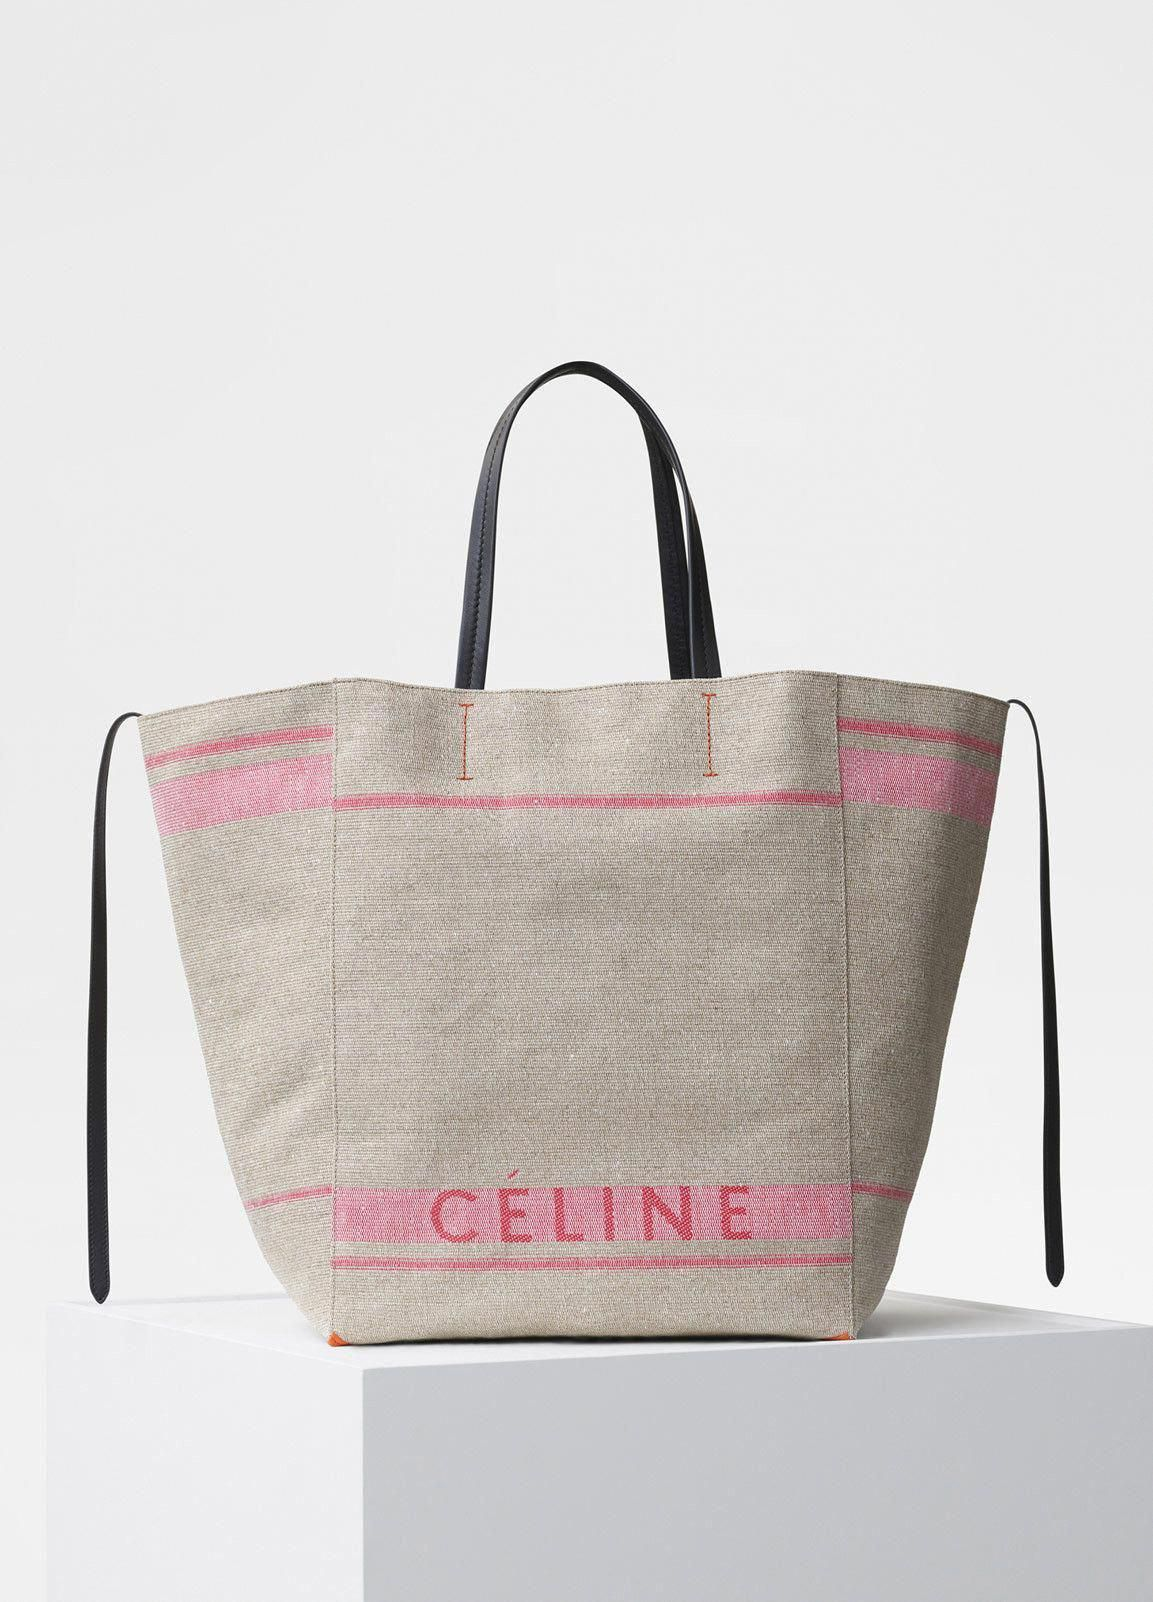 e1ed17282 Large Cabas Phantom Bag in Celine Canvas - Céline #Designerhandbags ...